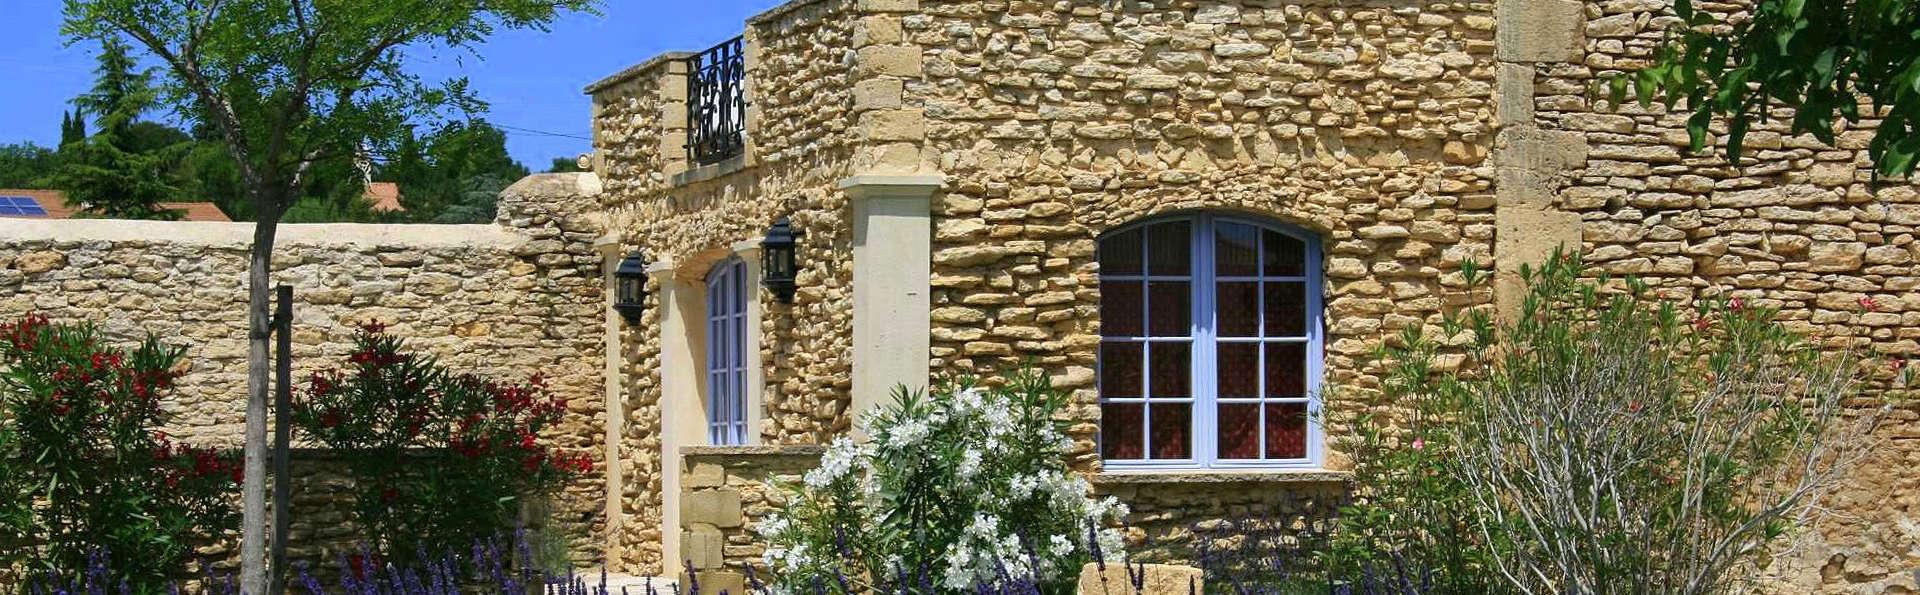 Week-end de charme en plein coeur des vignobles près du Pont du Gard